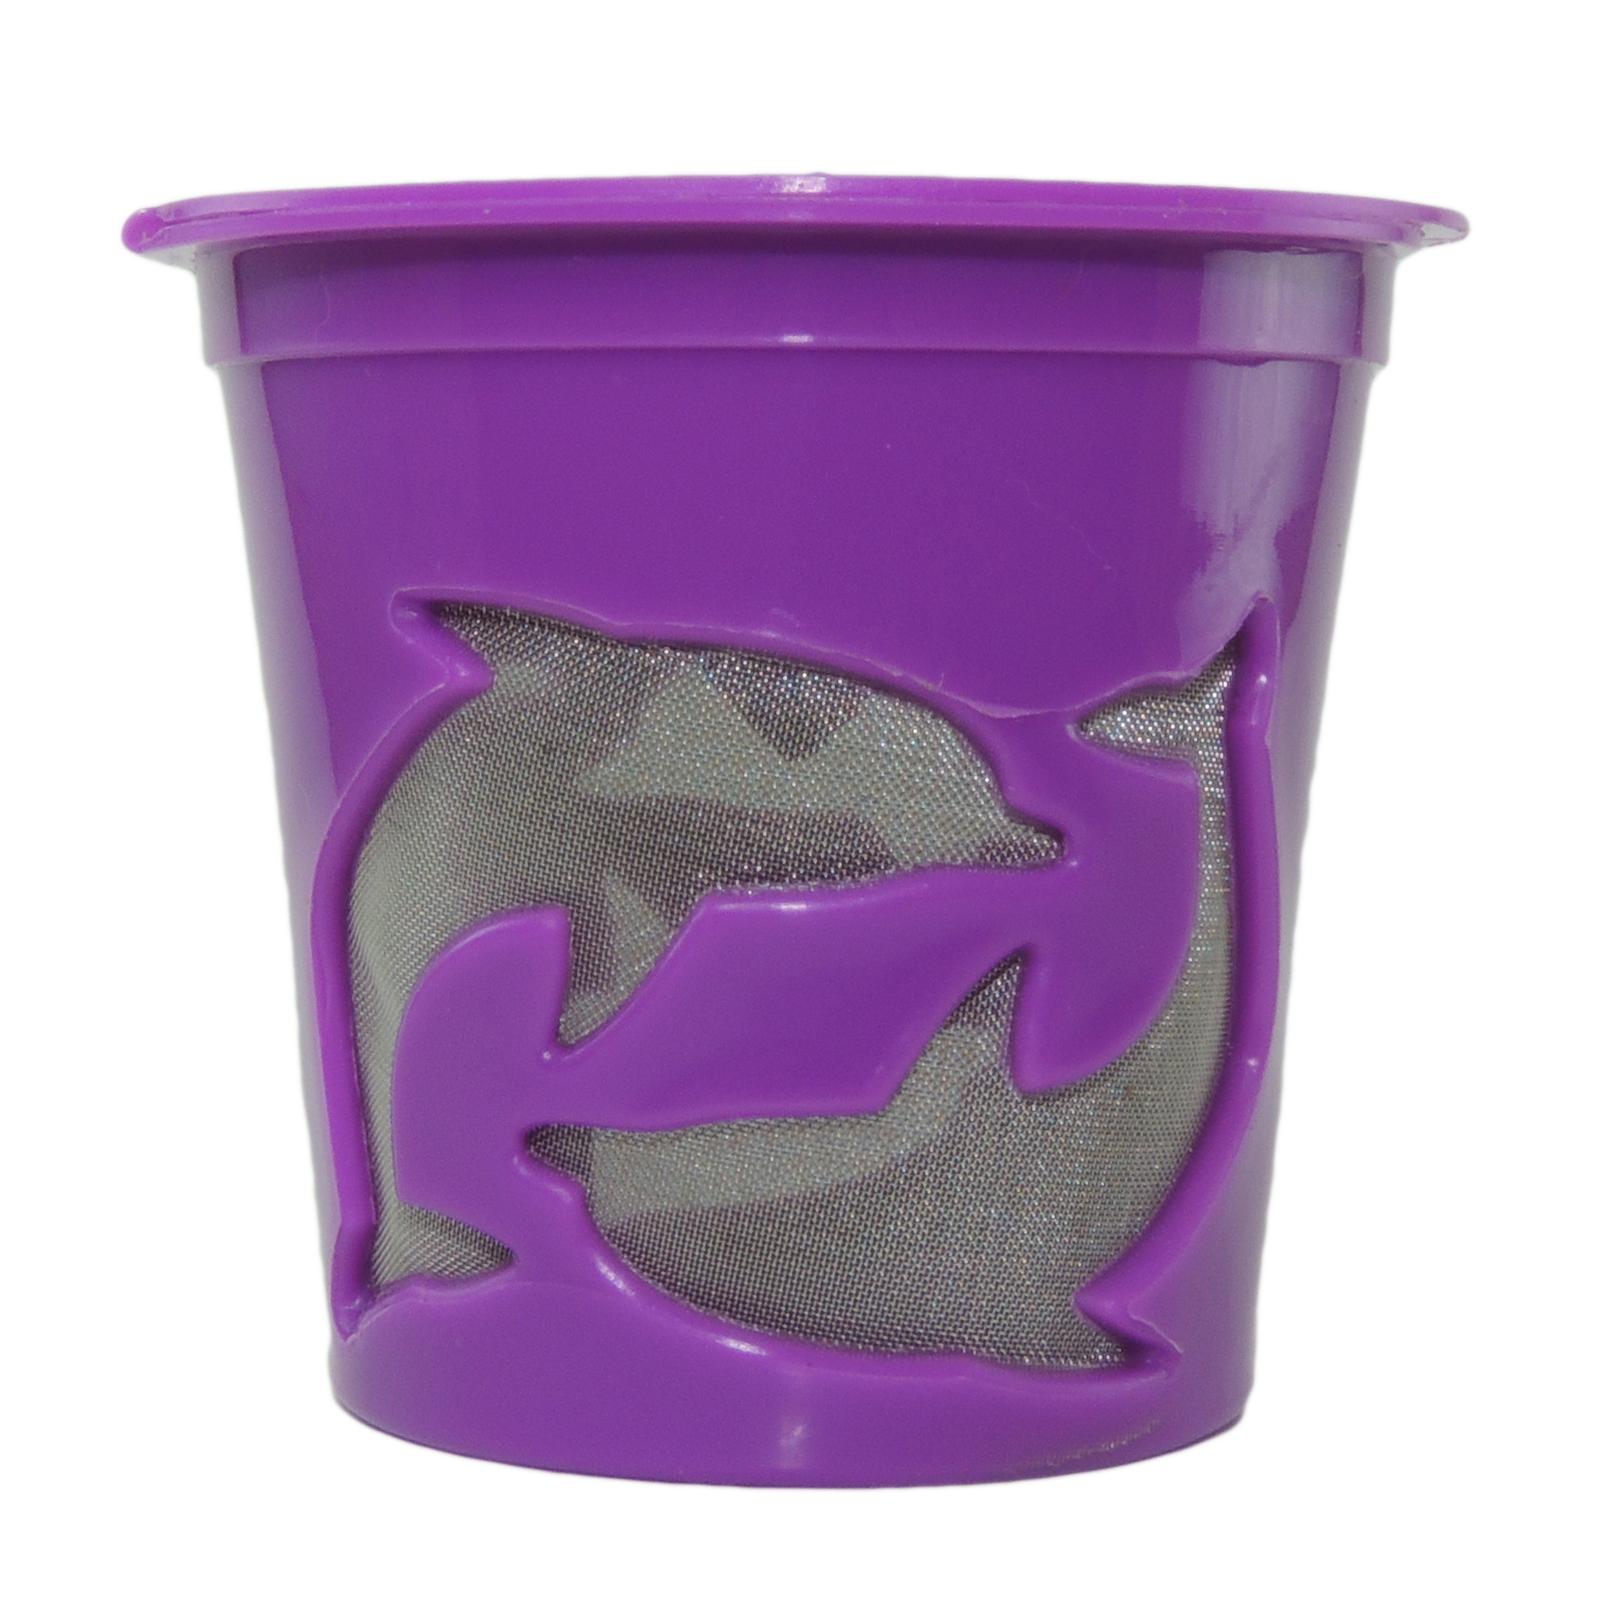 Keurig K-cups Keurig 2.0 Reusable K-cup Filter For Keurig 2.0/1.0 Brewer 10-Pack